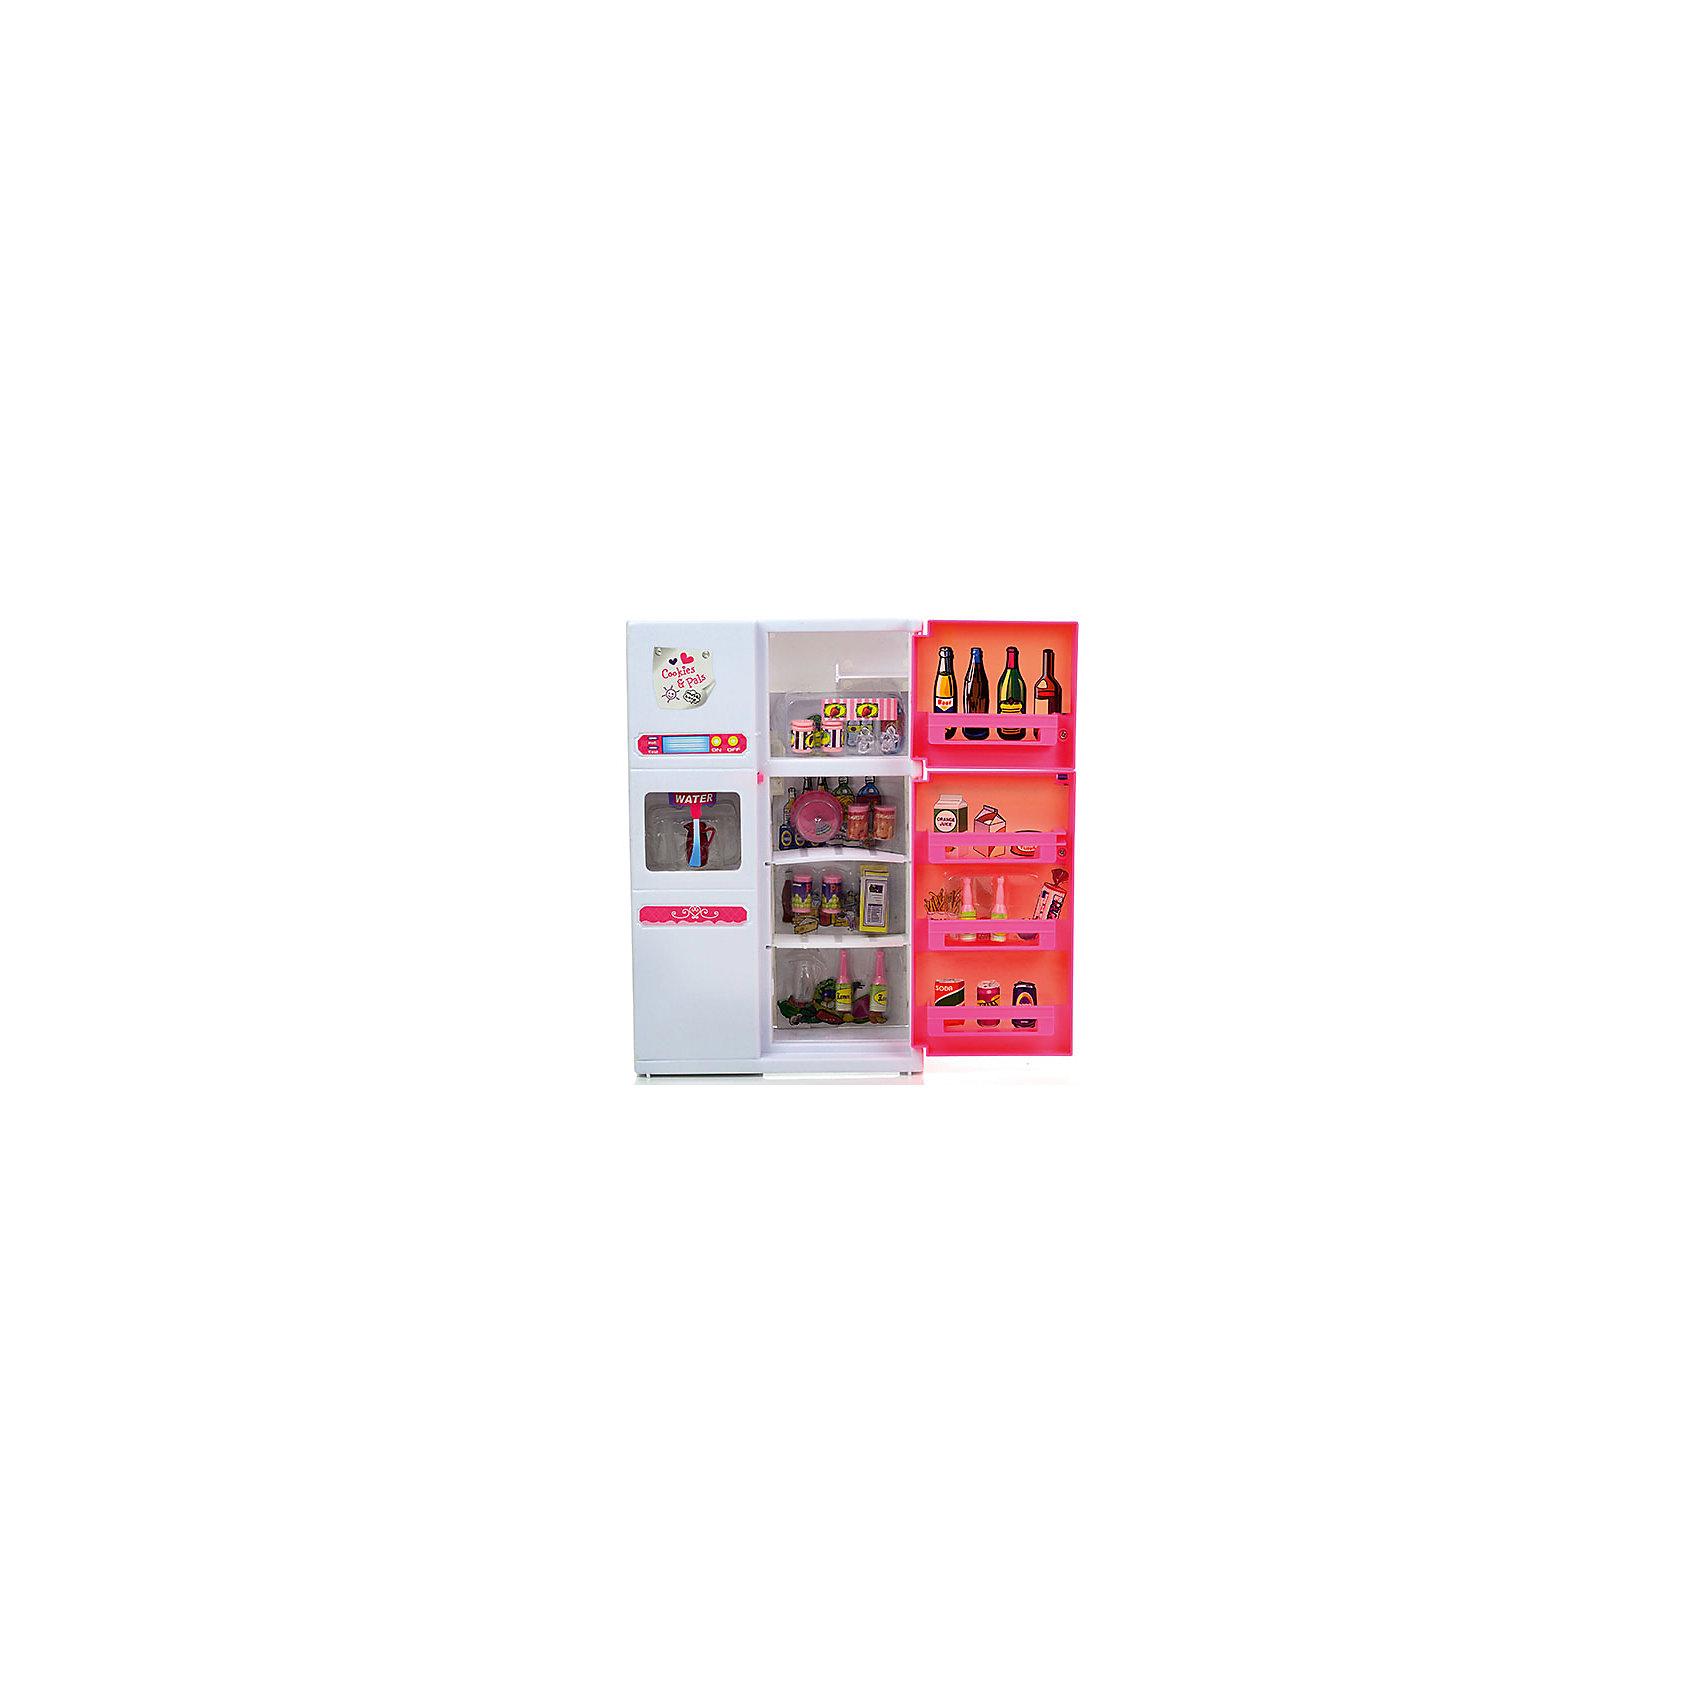 Набор мебели для кукол Холодильник, DollyToyКукольная одежда и аксессуары<br>Характеристики товара:<br><br>• возраст от 3 лет;<br>• материал: пластик;<br>• световые, звуковые эффекты (батарейки в комплекте)<br>• двери открываются и закрываются<br>• подходит для кукол высотой до 29 см<br>• функциональный диспенсер для воды<br>• в комплекте: холодильник, аксессуары;<br>• размер упаковки 33х31х9,5 см;<br>• вес упаковки 847 гр.;<br>• страна производитель: Китай.<br><br>Набор мебели для кукол «Холодильник» DollyToy представляет собой холодильник, наполненный продуктами питания. С набором девочка сможет придумывать свои сюжеты и истории для игры, проявляя фантазию. Набор оснащен световыми и звуковыми эффектами, делающими игру интересней. Игрушка изготовлена из качественного безопасного пластика.<br><br>Набор мебели для кукол «Холодильник» DollyToy можно приобрести в нашем интернет-магазине.<br><br>Ширина мм: 310<br>Глубина мм: 95<br>Высота мм: 330<br>Вес г: 847<br>Возраст от месяцев: 36<br>Возраст до месяцев: 72<br>Пол: Женский<br>Возраст: Детский<br>SKU: 5581271